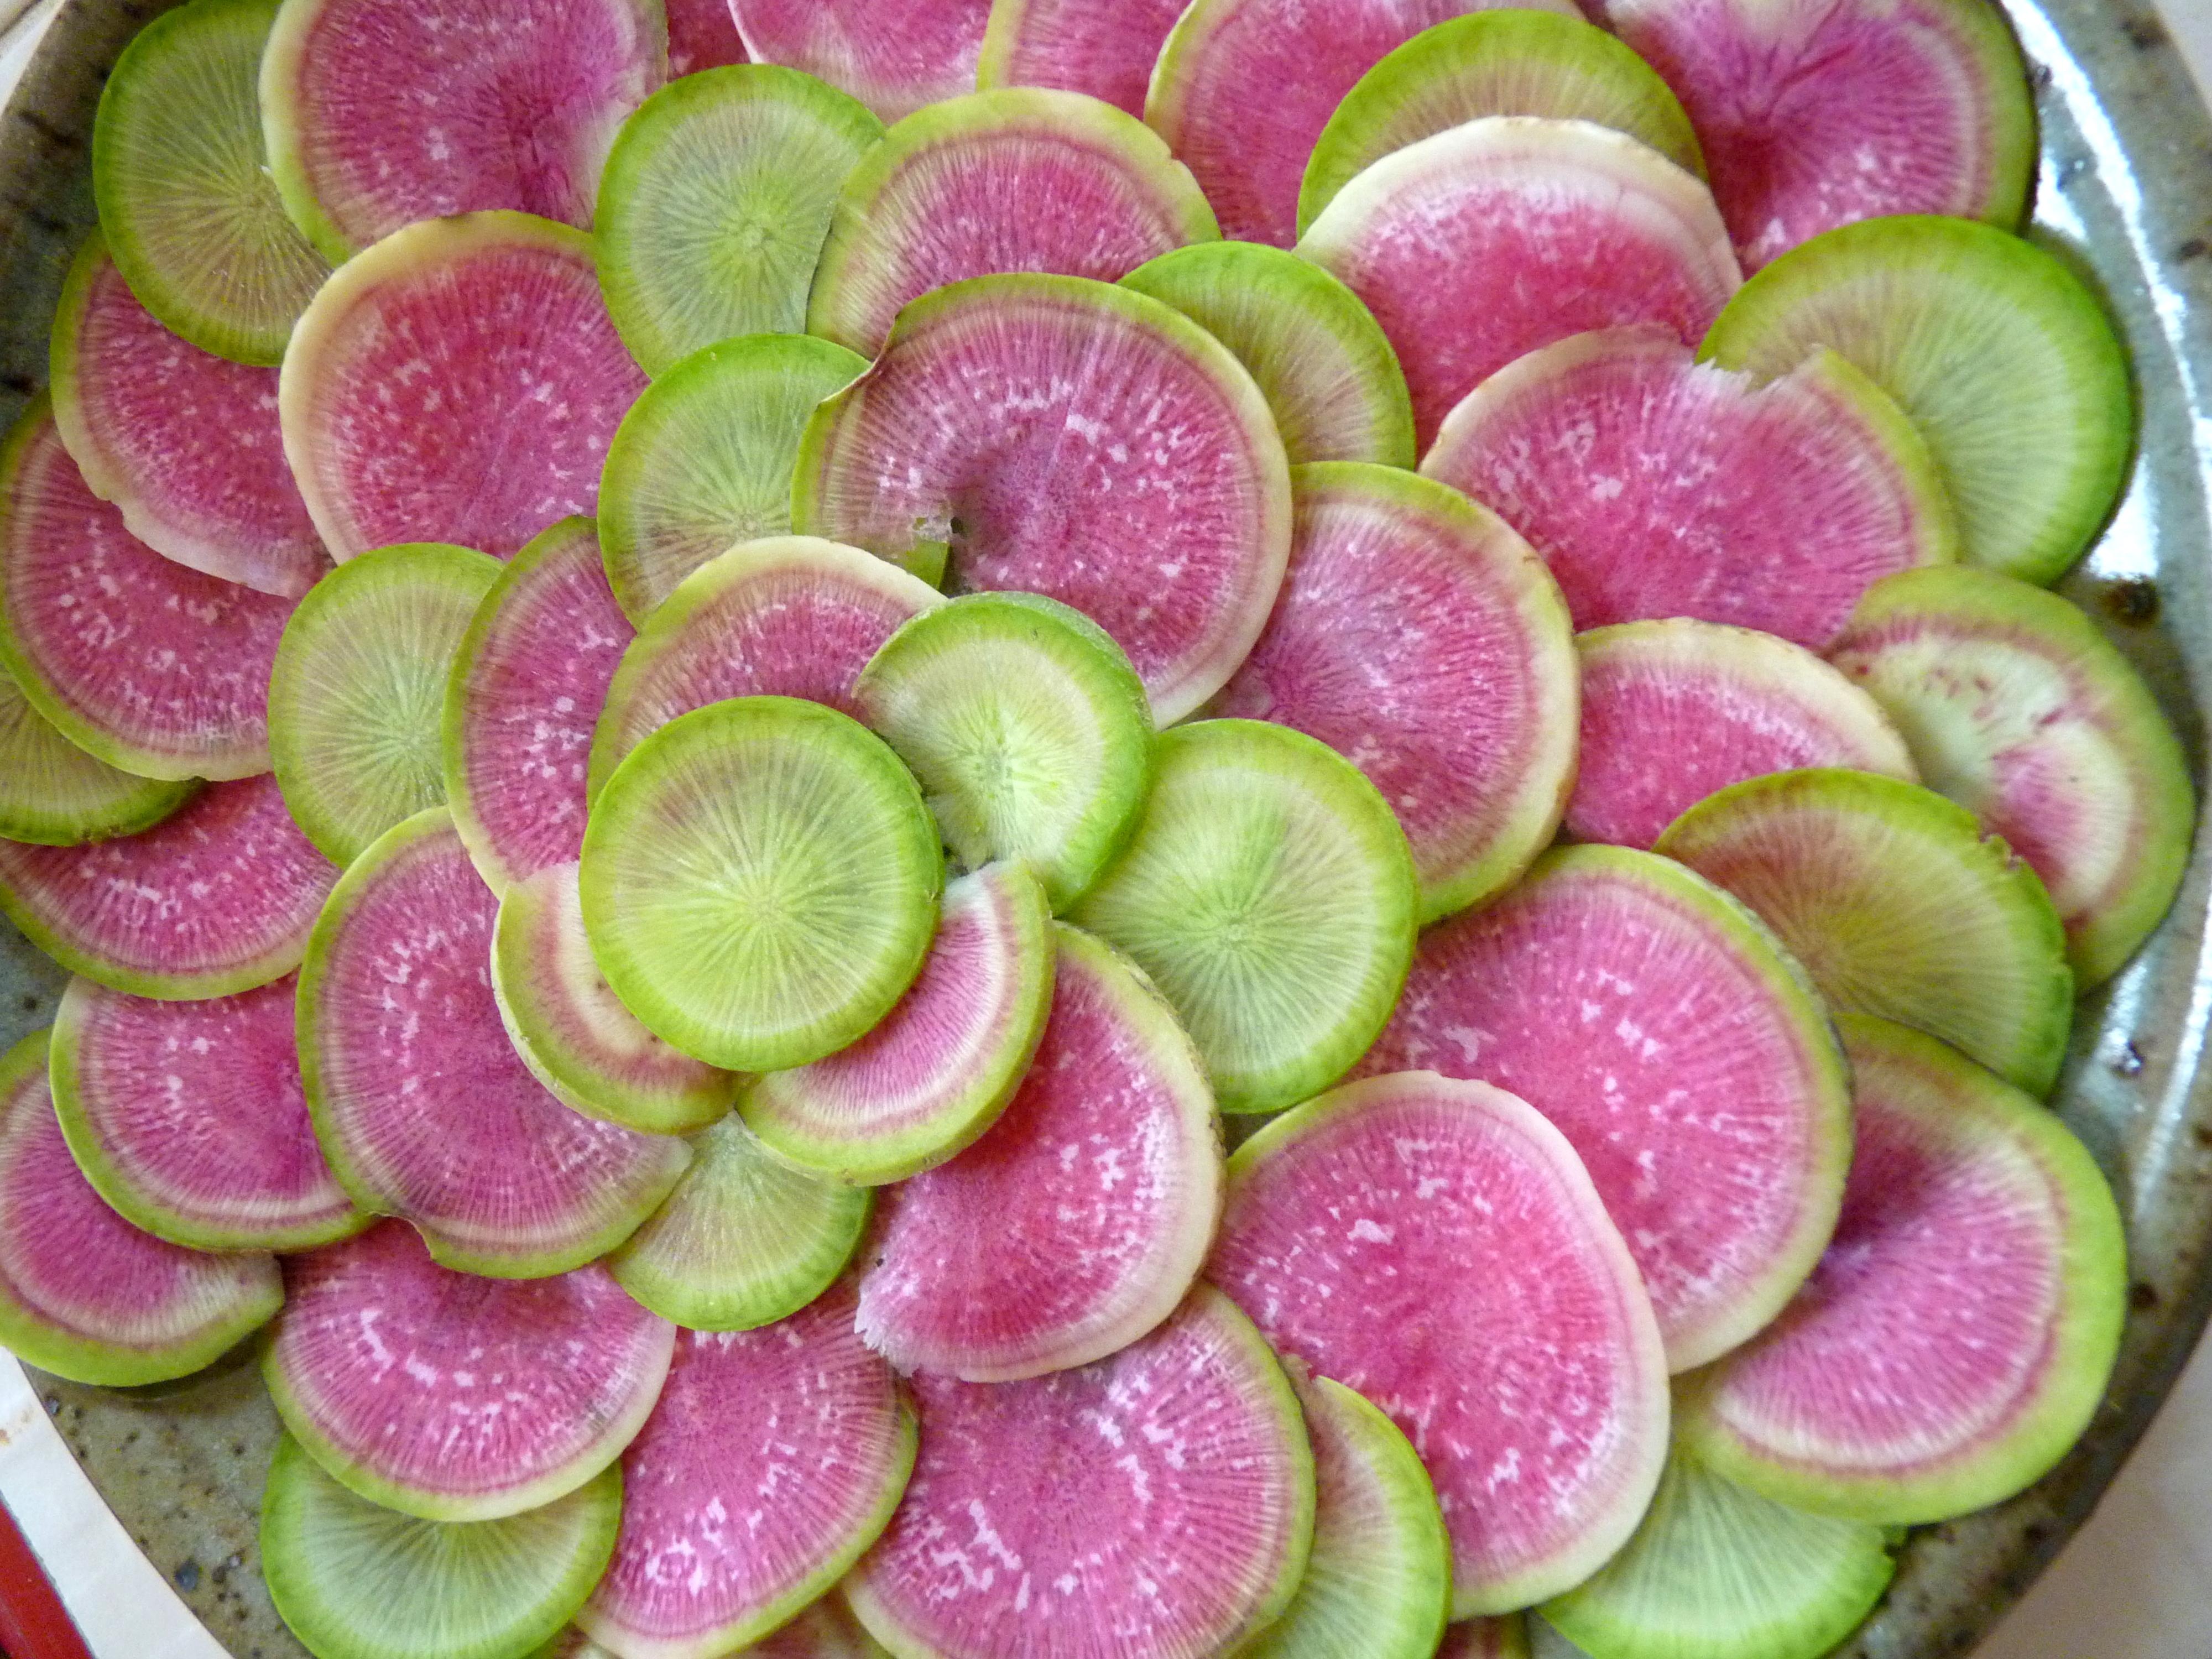 Radis green et red meat une cuiller e pour papa - Quand cueillir les radis ...